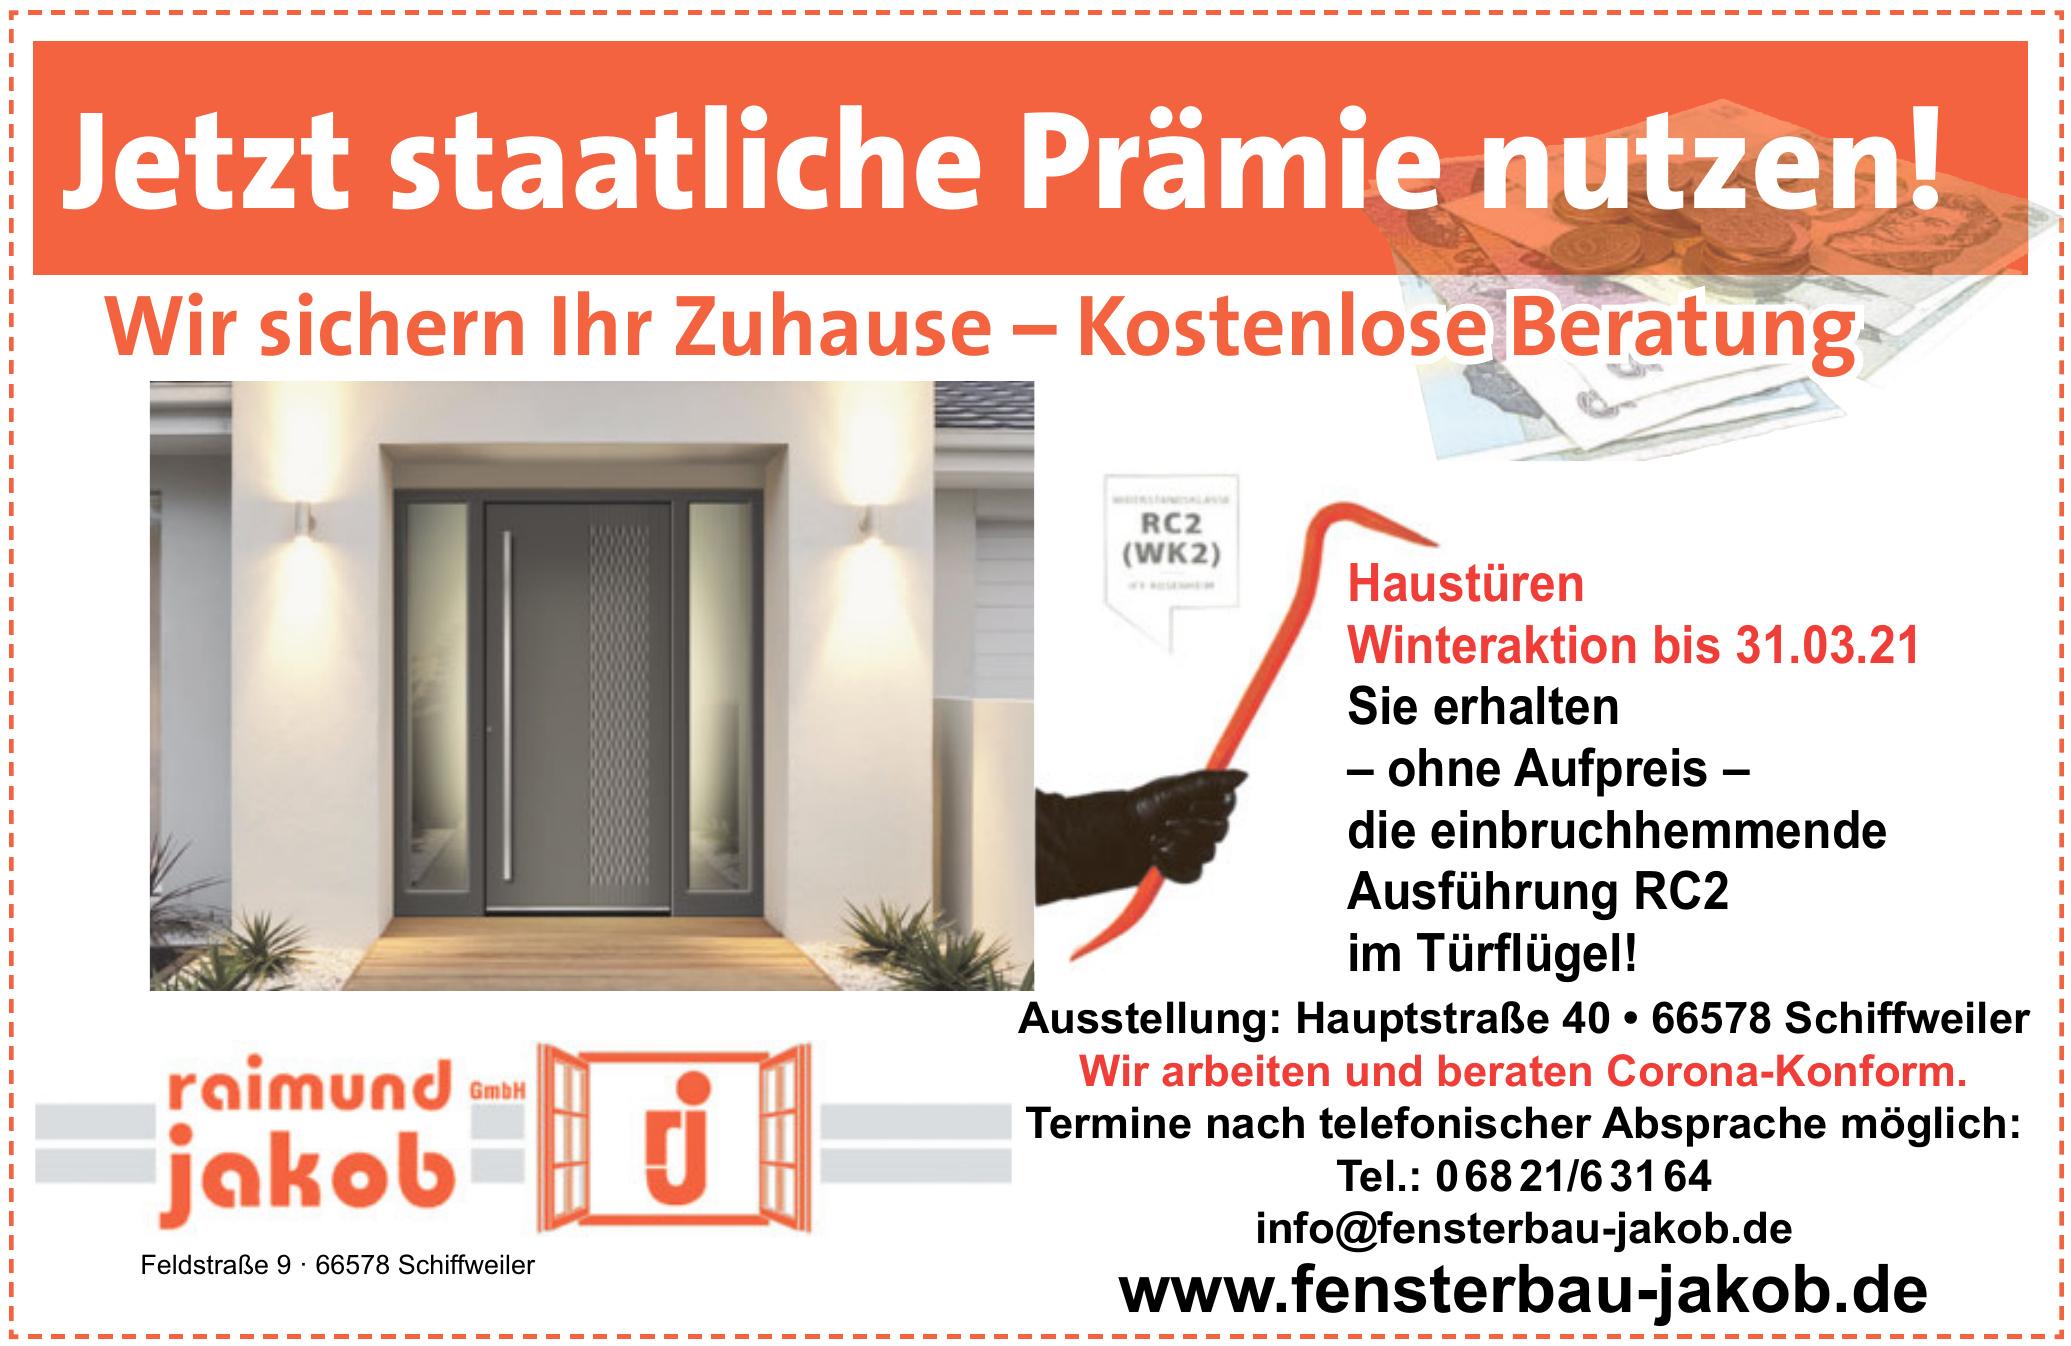 Raimund Jakob GmbH